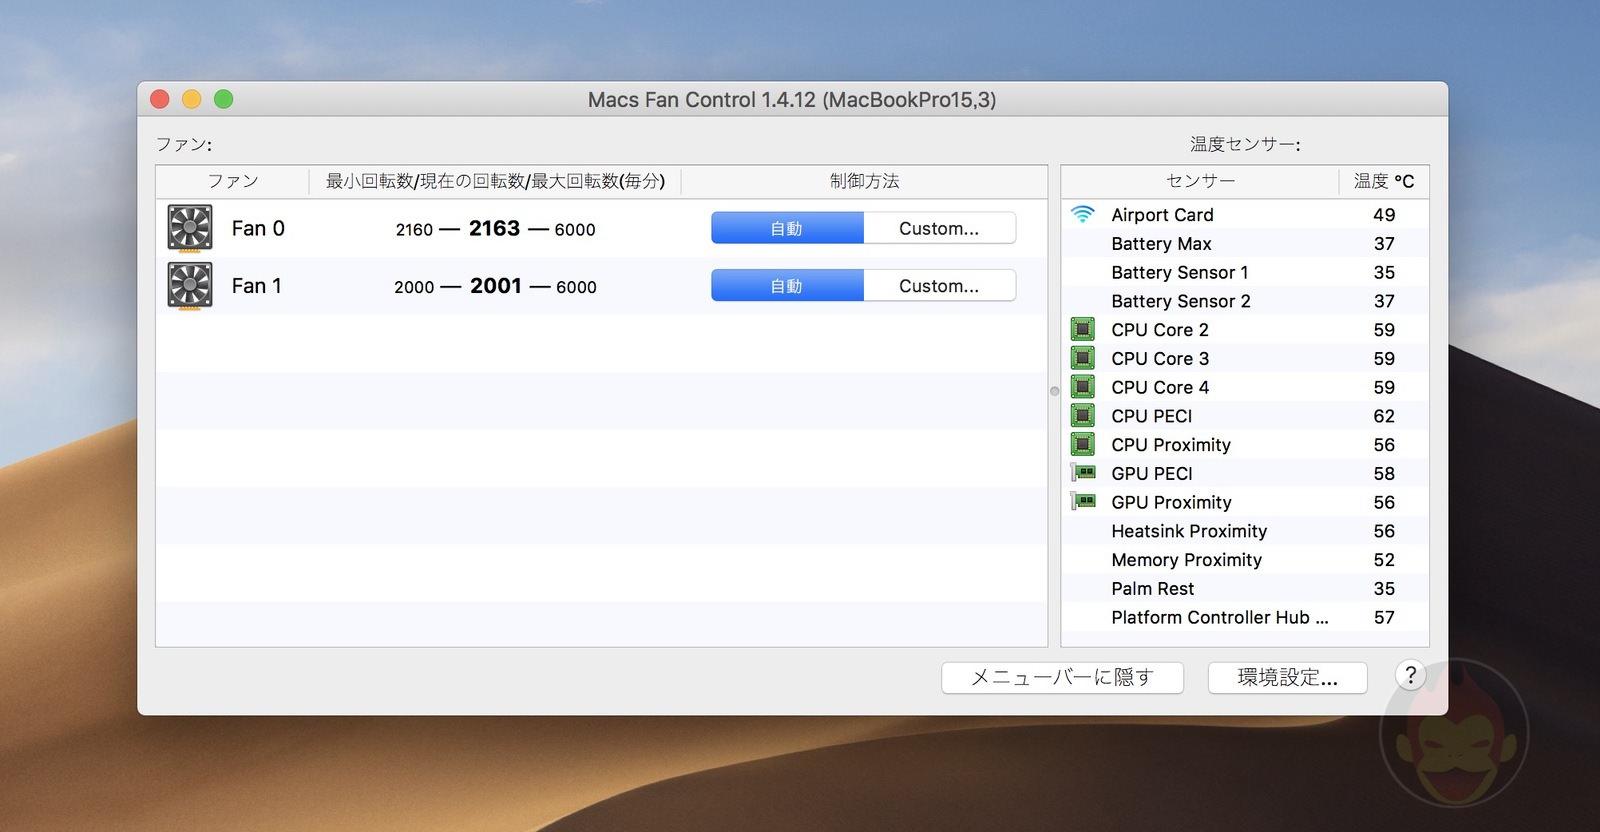 Mac-Fan-Control-MBP15-2019-01.jpg